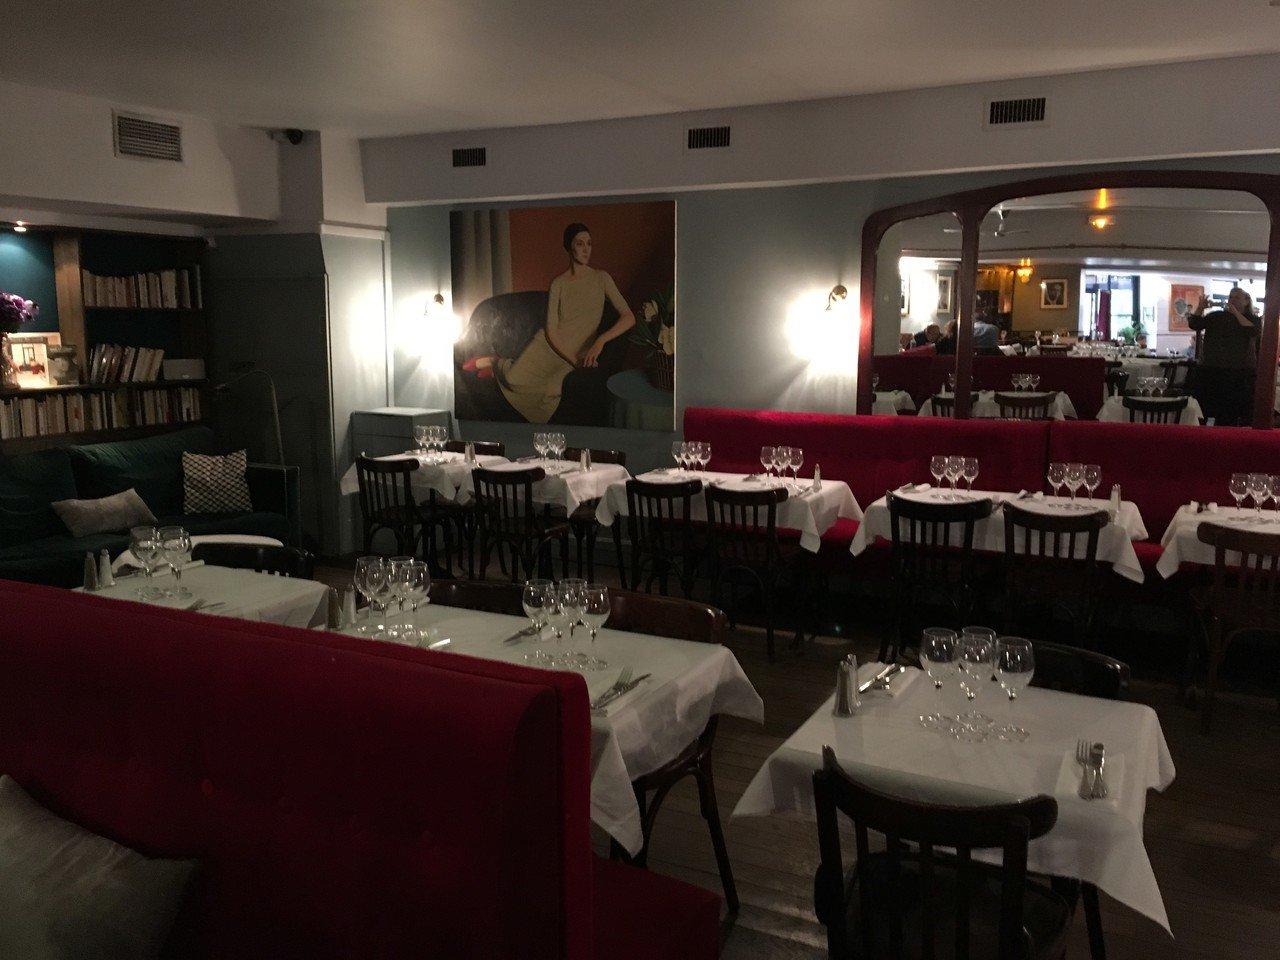 Paris corporate event venues Restaurant Hôtel du Nord image 0